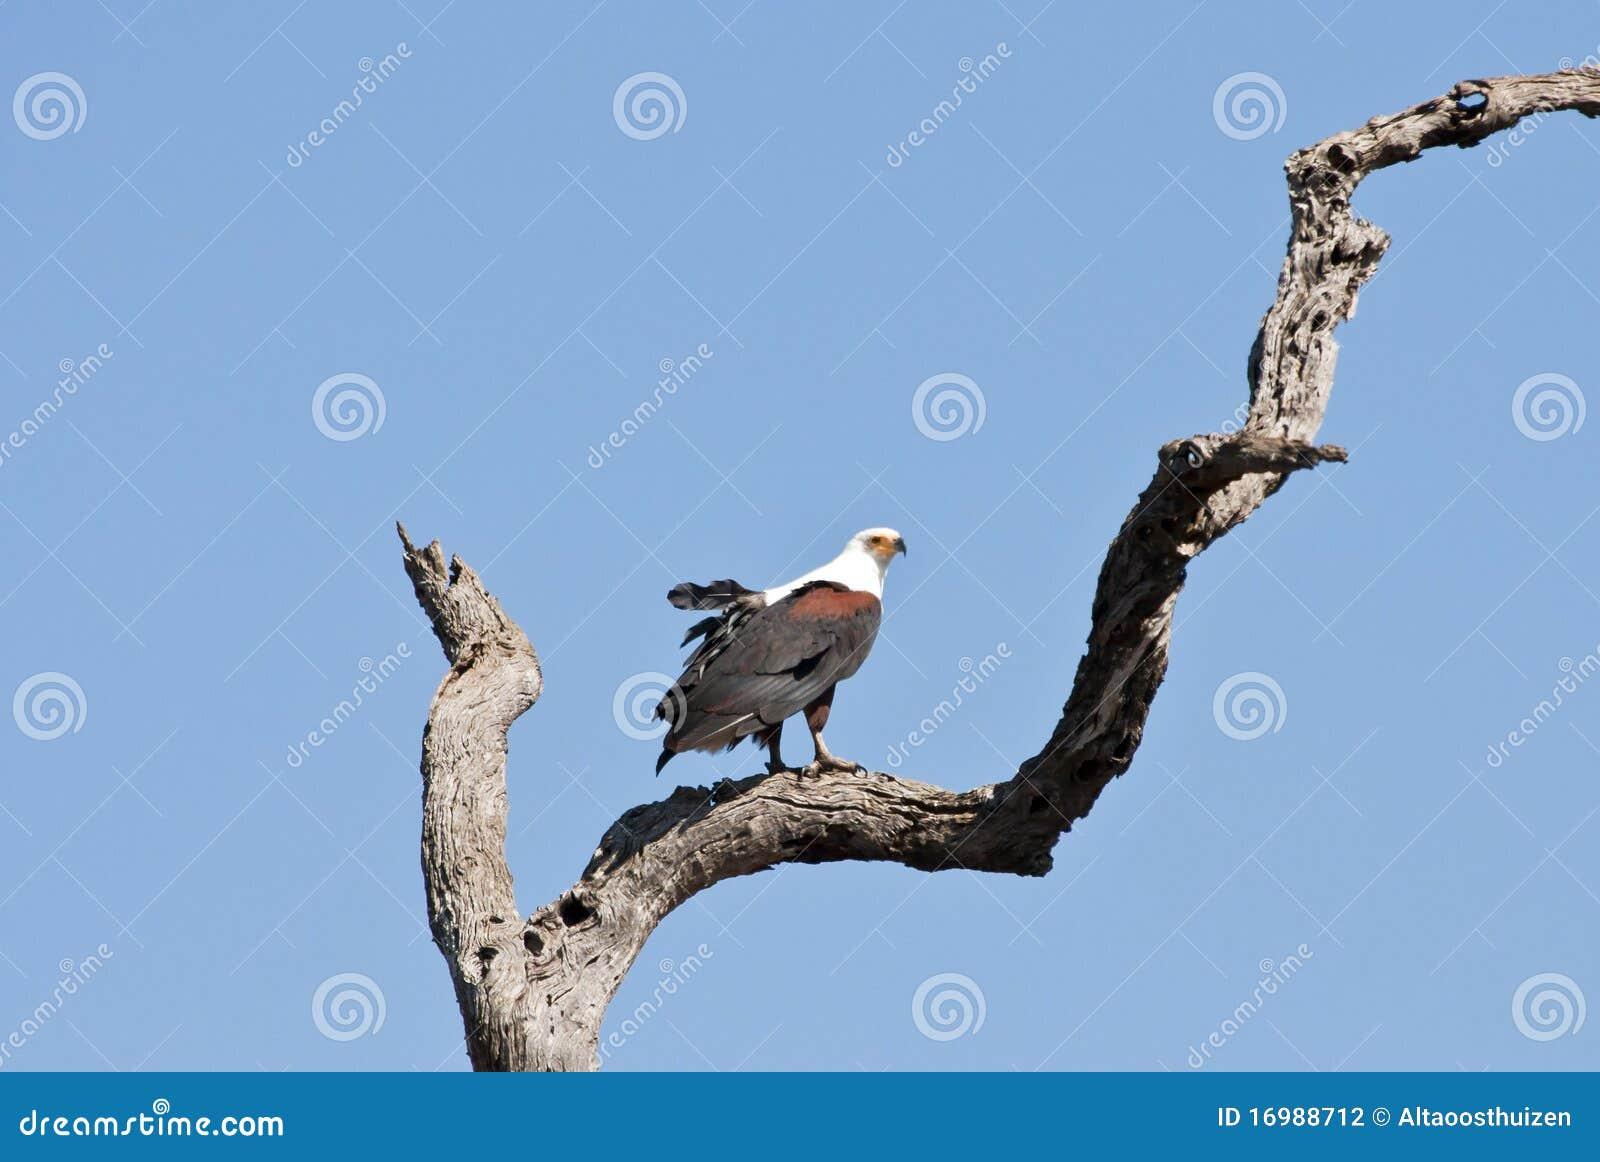 Sentada del águila de pescados